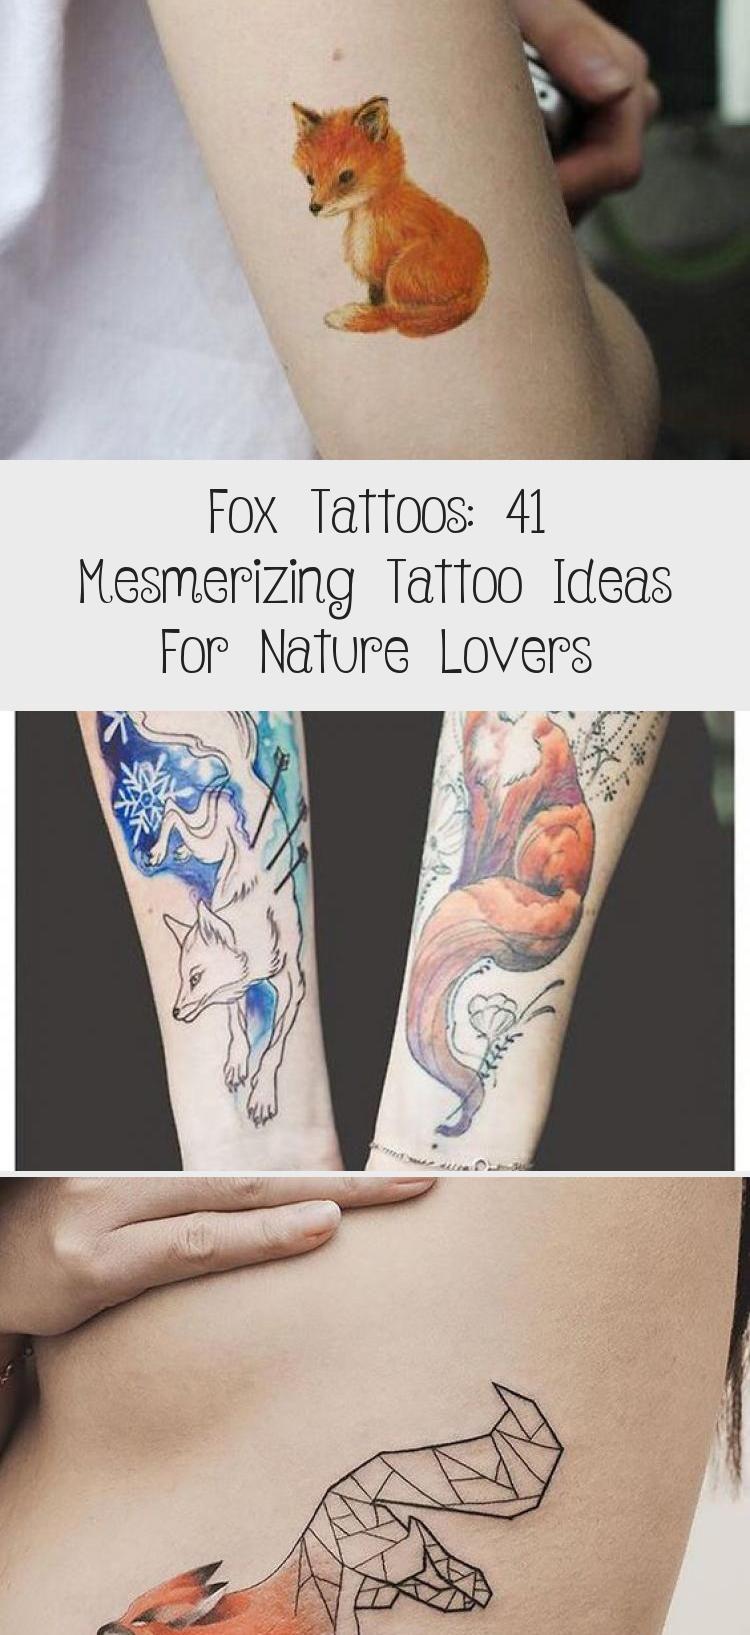 Best Tattoos In 2020 Fox Tattoo Red Fox Tattoos Small Fox Tattoo